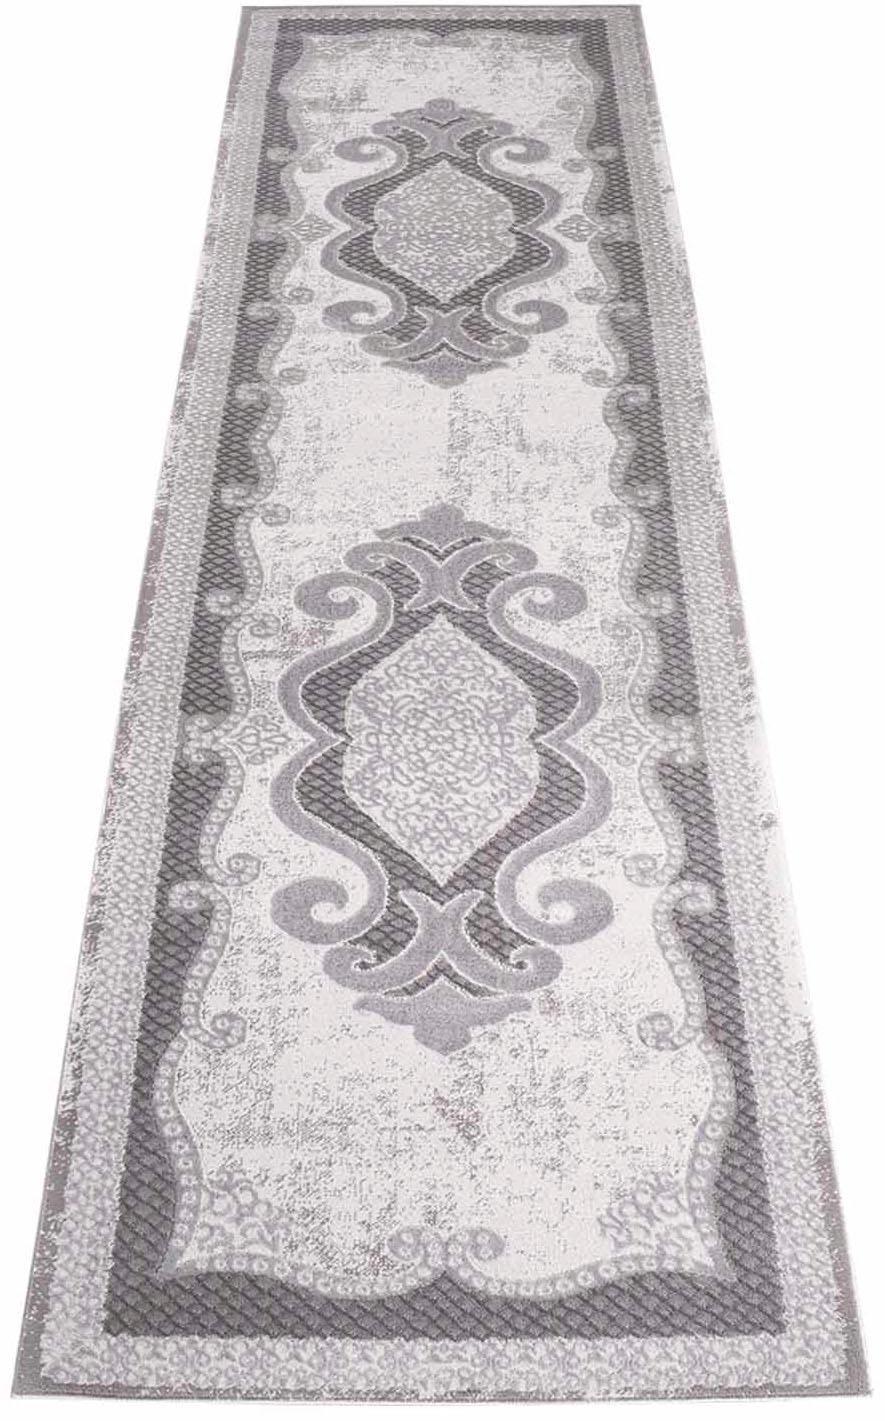 Läufer Platin 7741 Carpet City rechteckig Höhe 11 mm maschinell gewebt